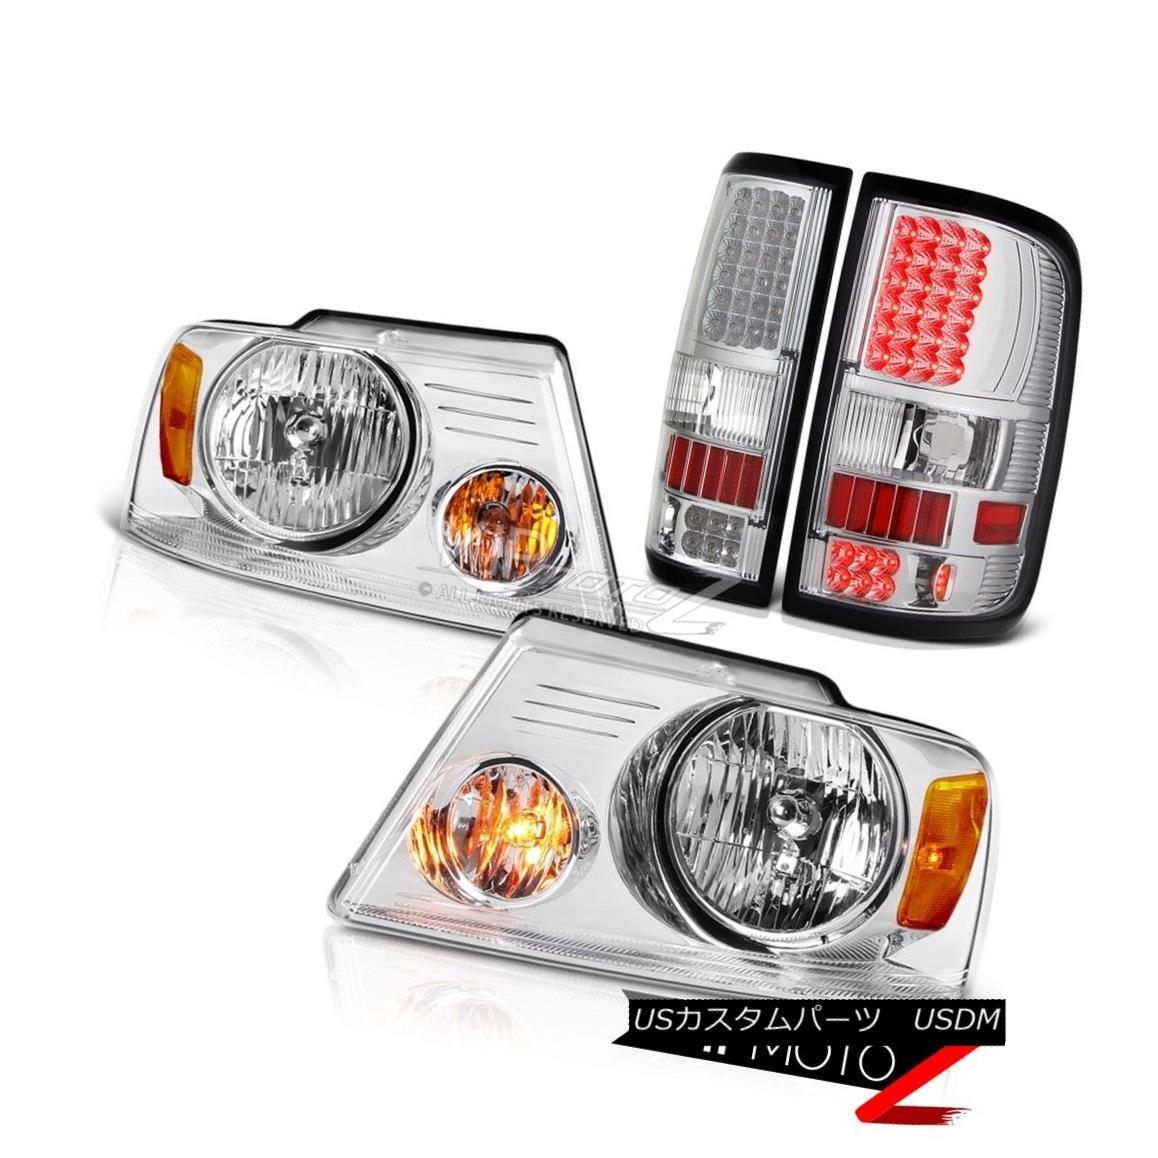 ヘッドライト [LED BRAKE SIGNAL TAIL LIGHTS+FRONT CLEAR HEADLIGHT] PICKUP TRUCK F150 2004-2008 [LEDブレーキ信号テールライト+前面クリアライト] PICKUP TRUCK F150 2004-2008